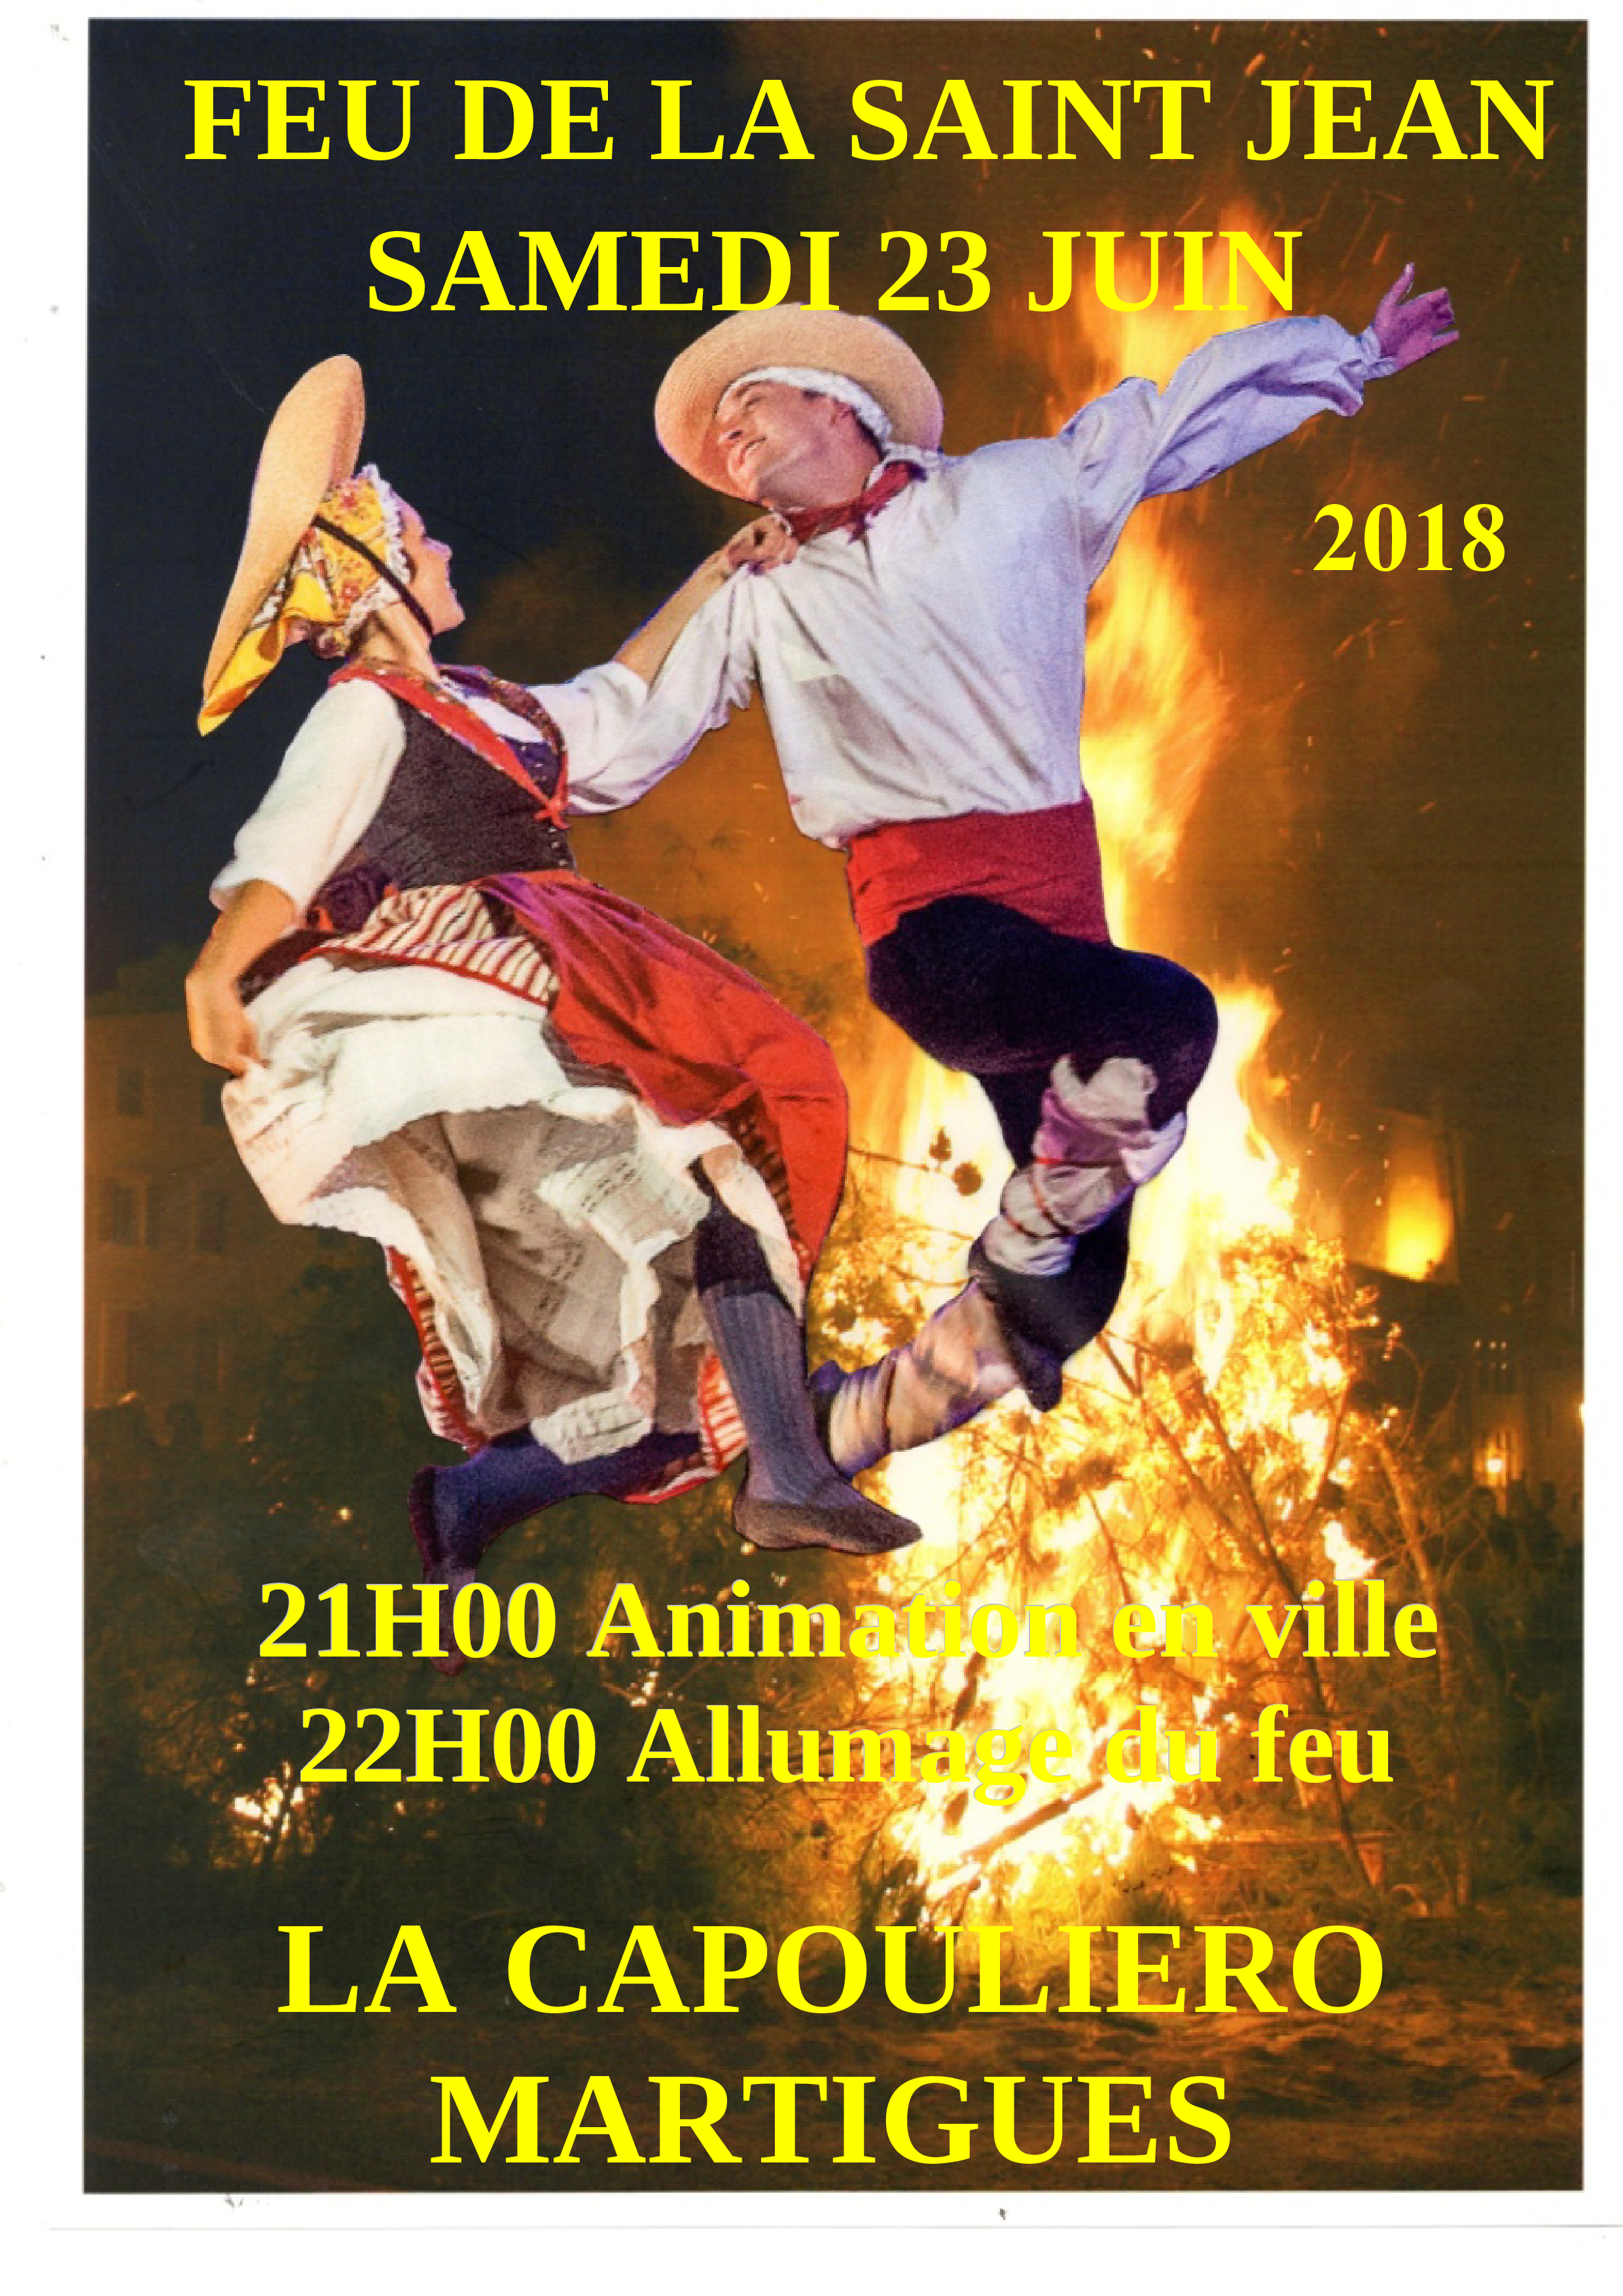 23 juin 2018 : FEU DE LA SAINT JEAN A MARTIGUES (Bouches du Rhône)